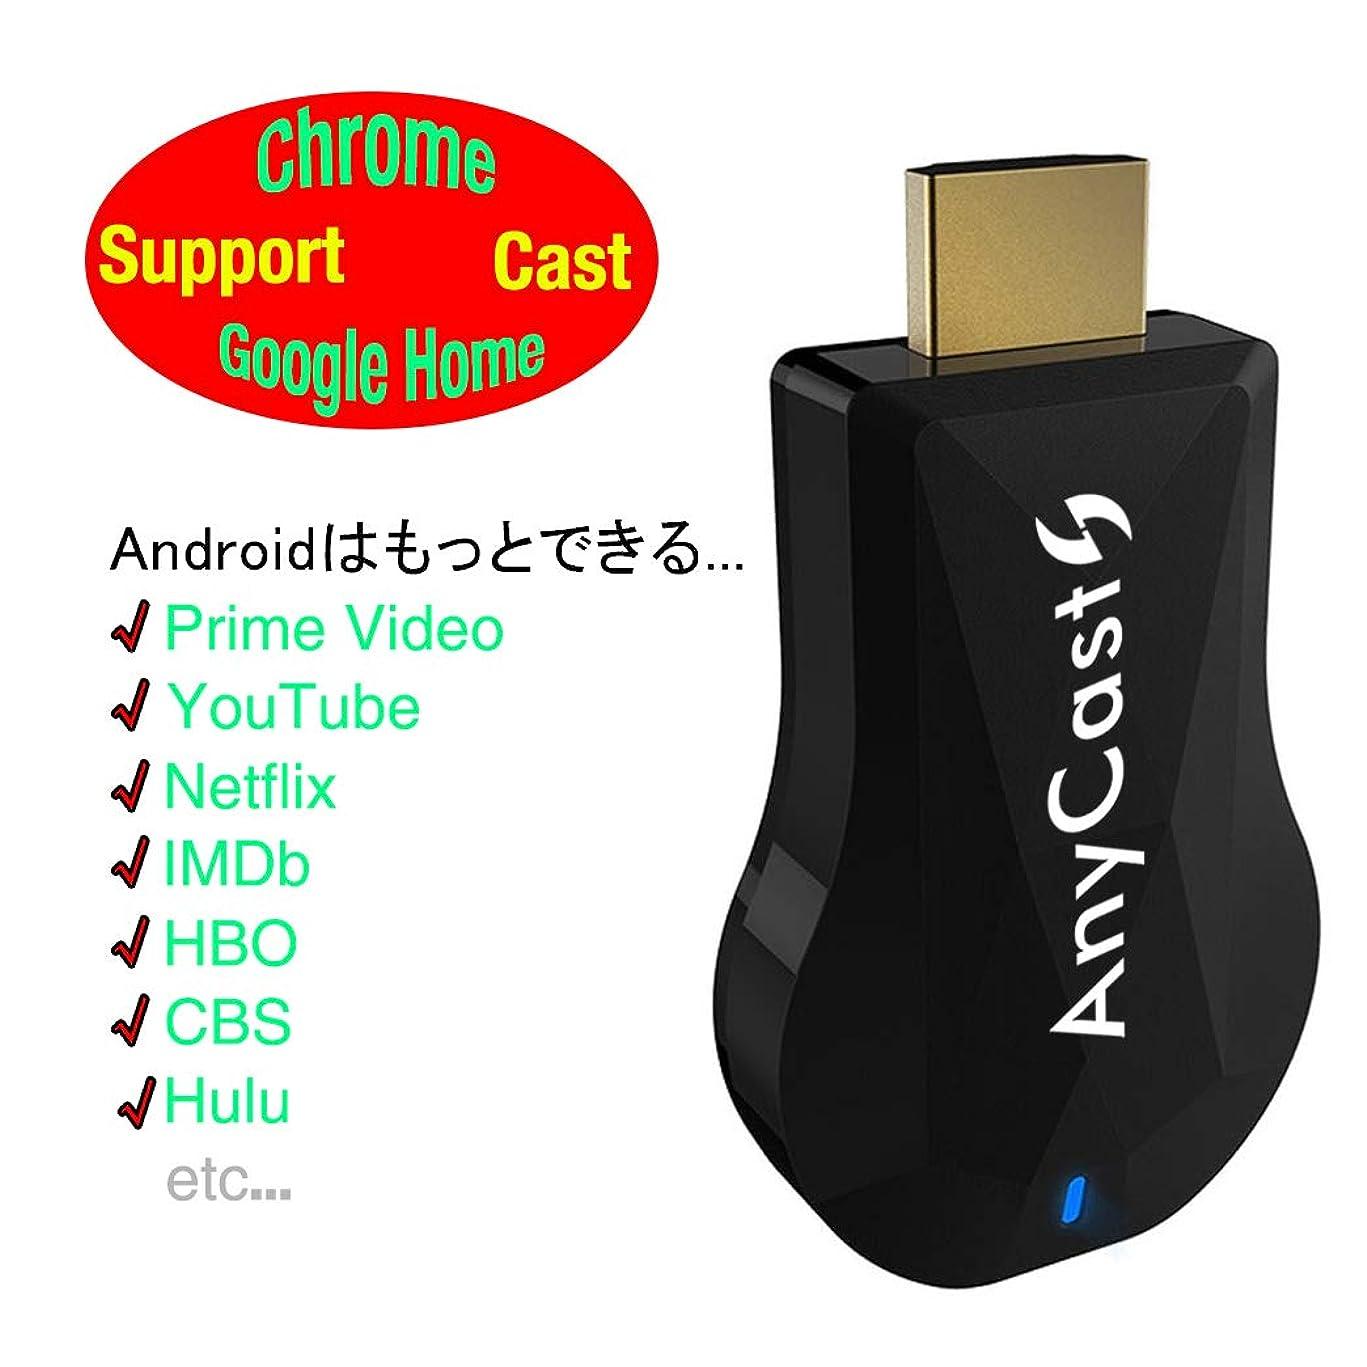 はしごバトル雑多なワイヤレスHDMI ミラーリングと共有 AnyCastS【2019年のトップアップグレード】 Wi-Fi ディスプレイ TVドングル レシーバー 1080P iOS12対応